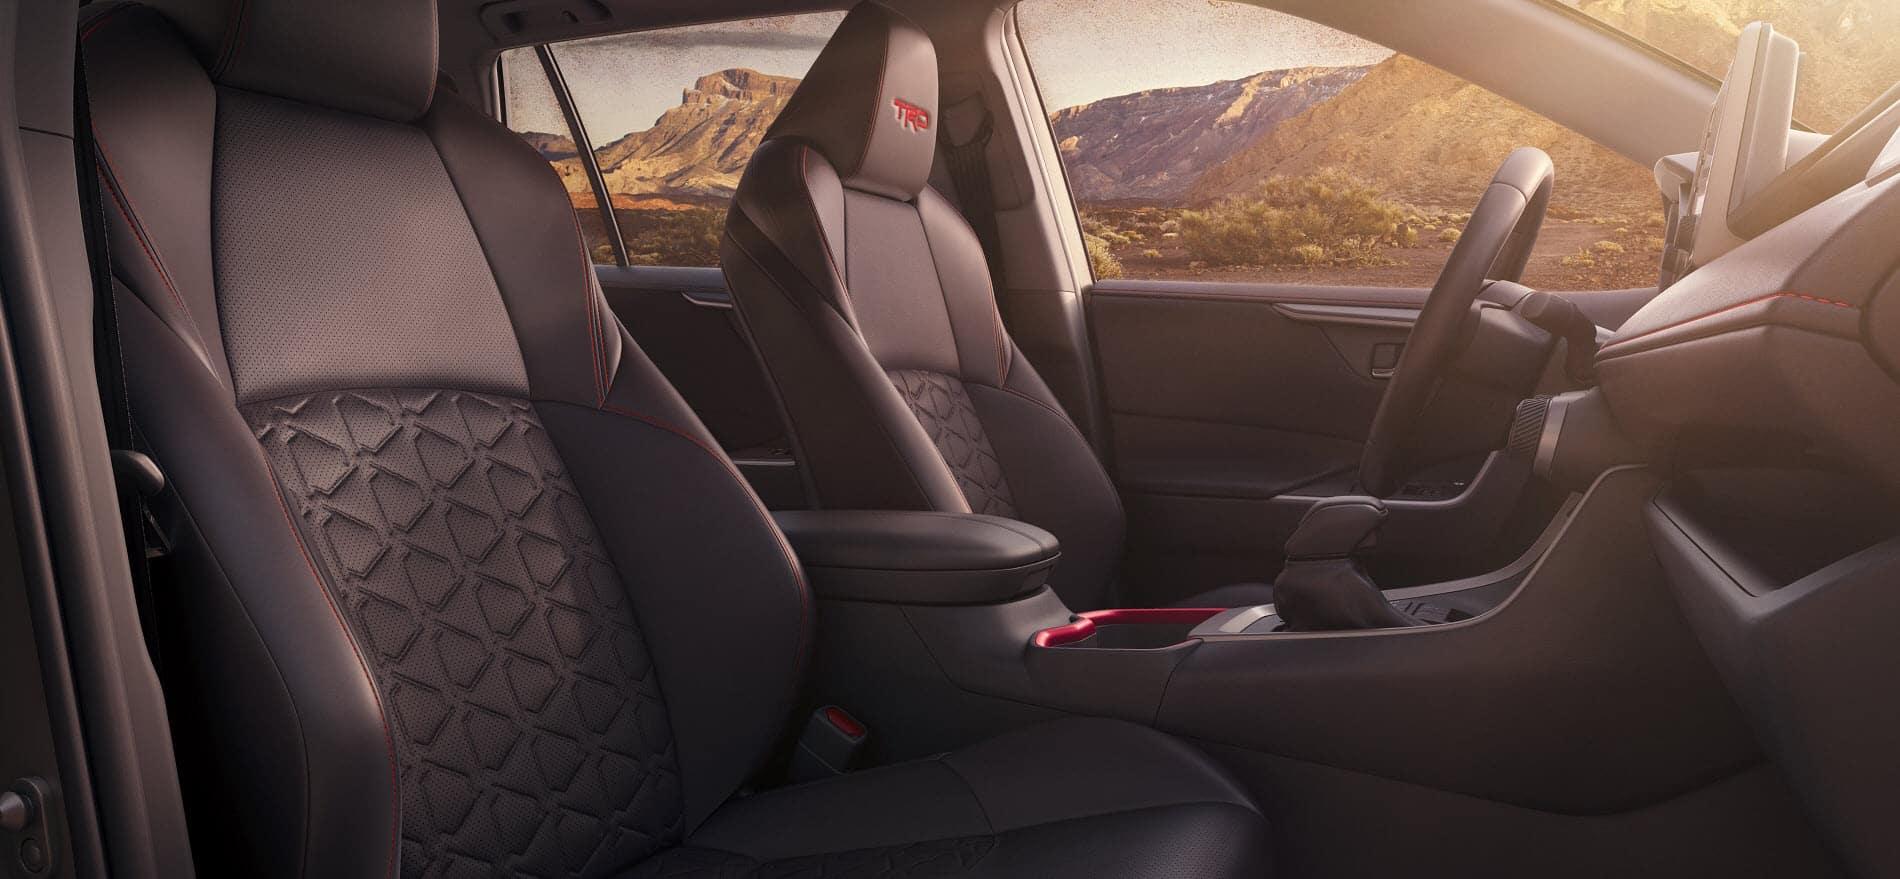 Toyota RAV4 Passenger Space